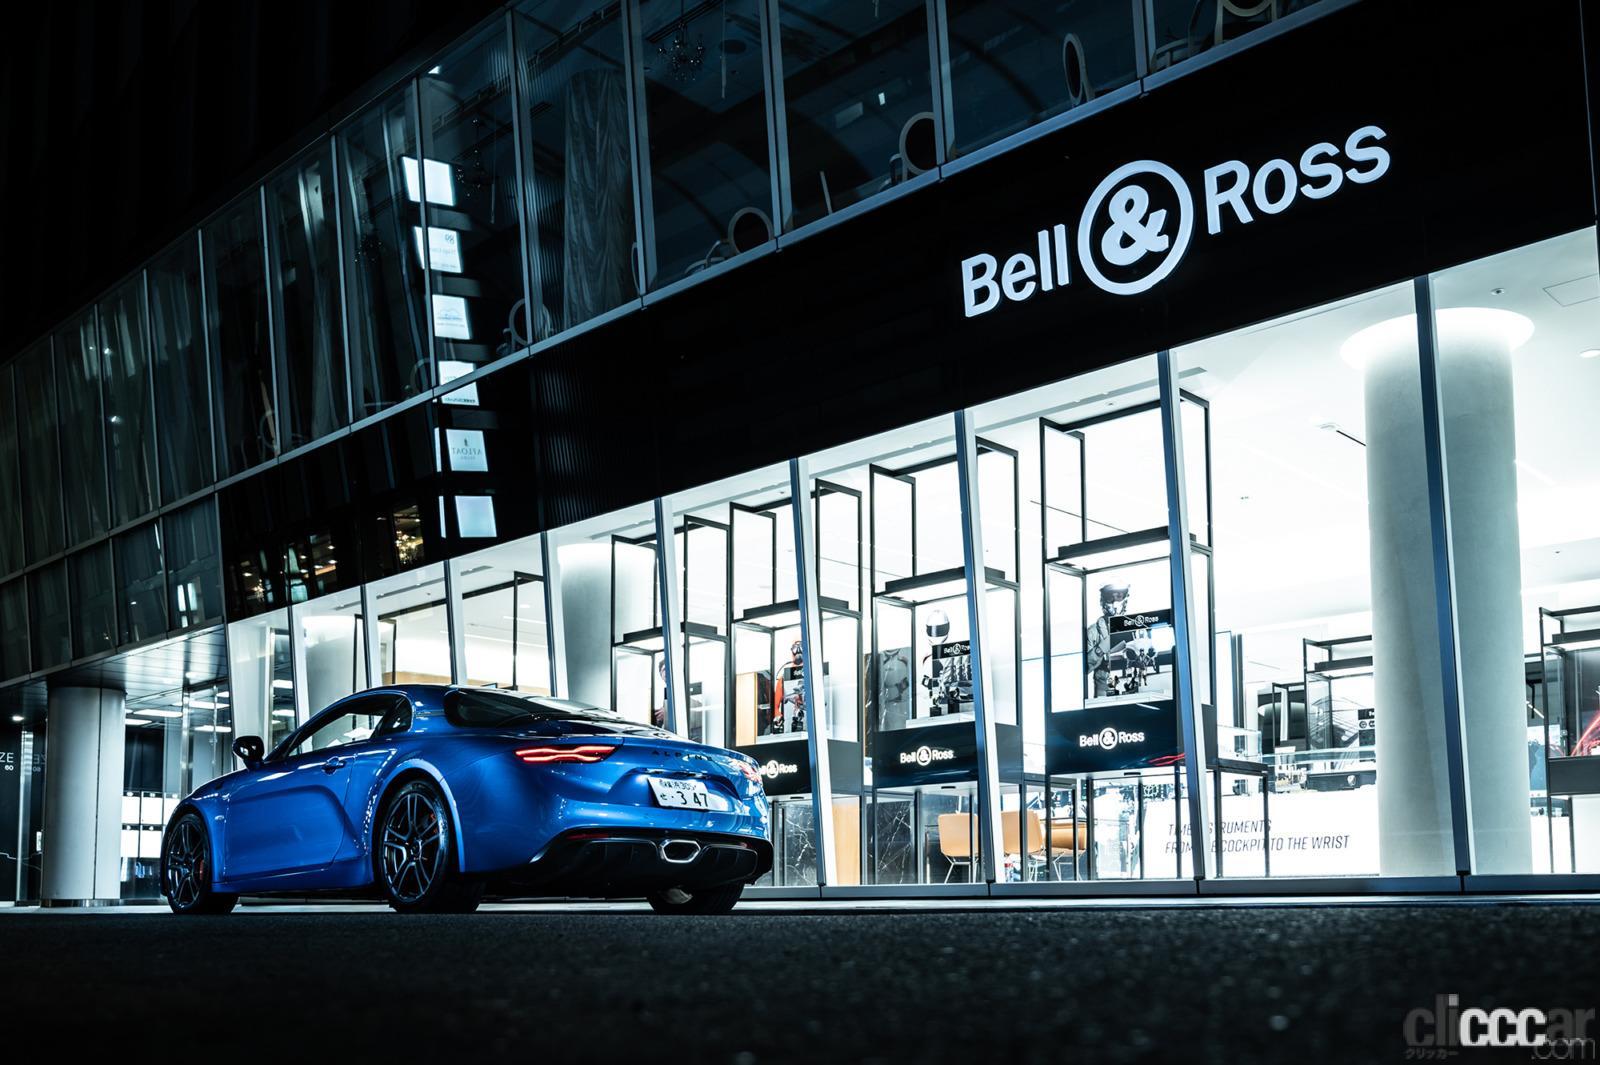 「Bell & RossアルピーヌF1チームのウォッチコレクション」の発売を記念して、アルピーヌA110SをISHIDA表参道に展示